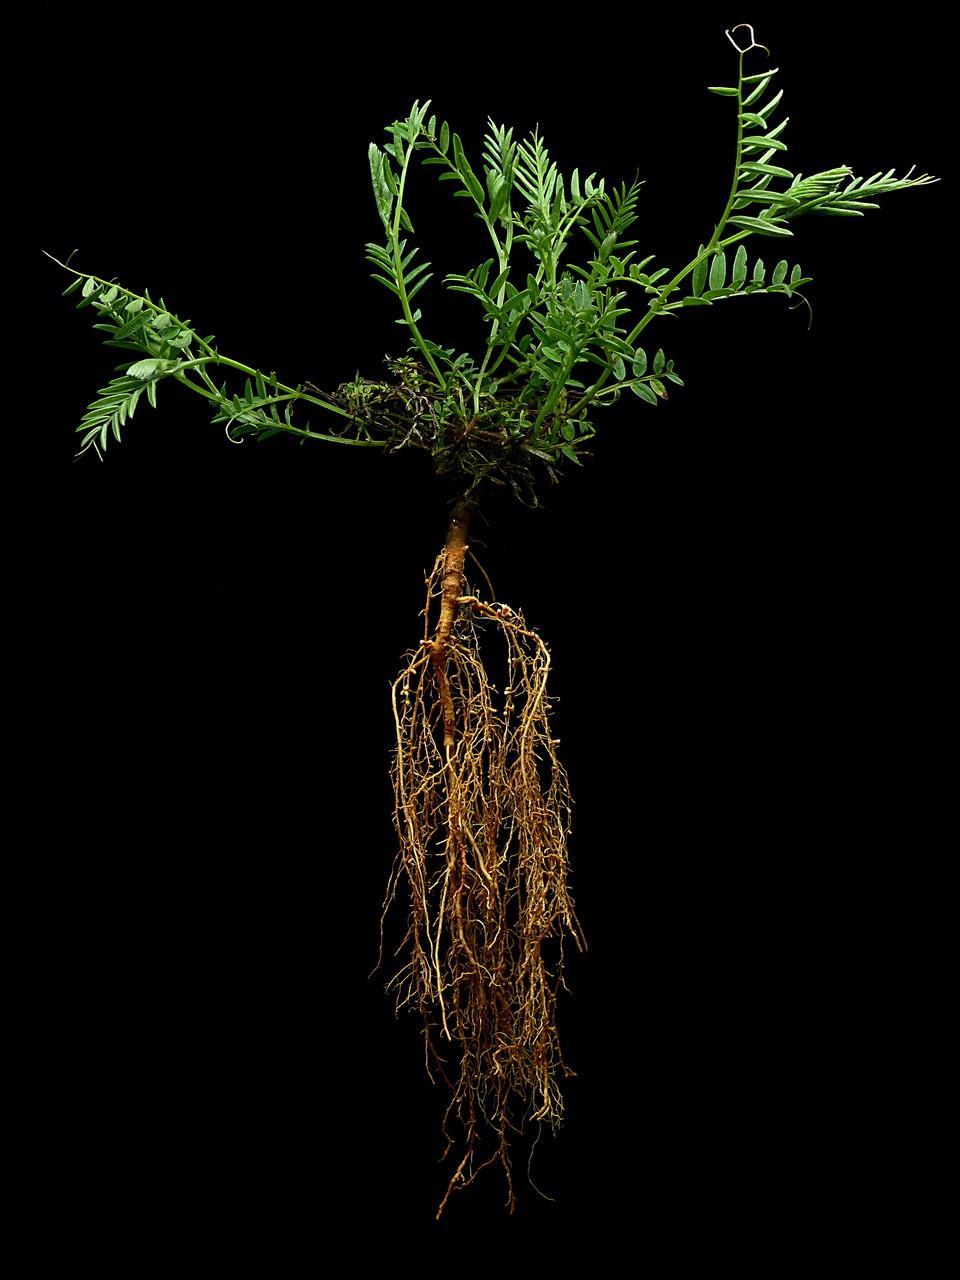 Vicia villosa - Zottige Wicke